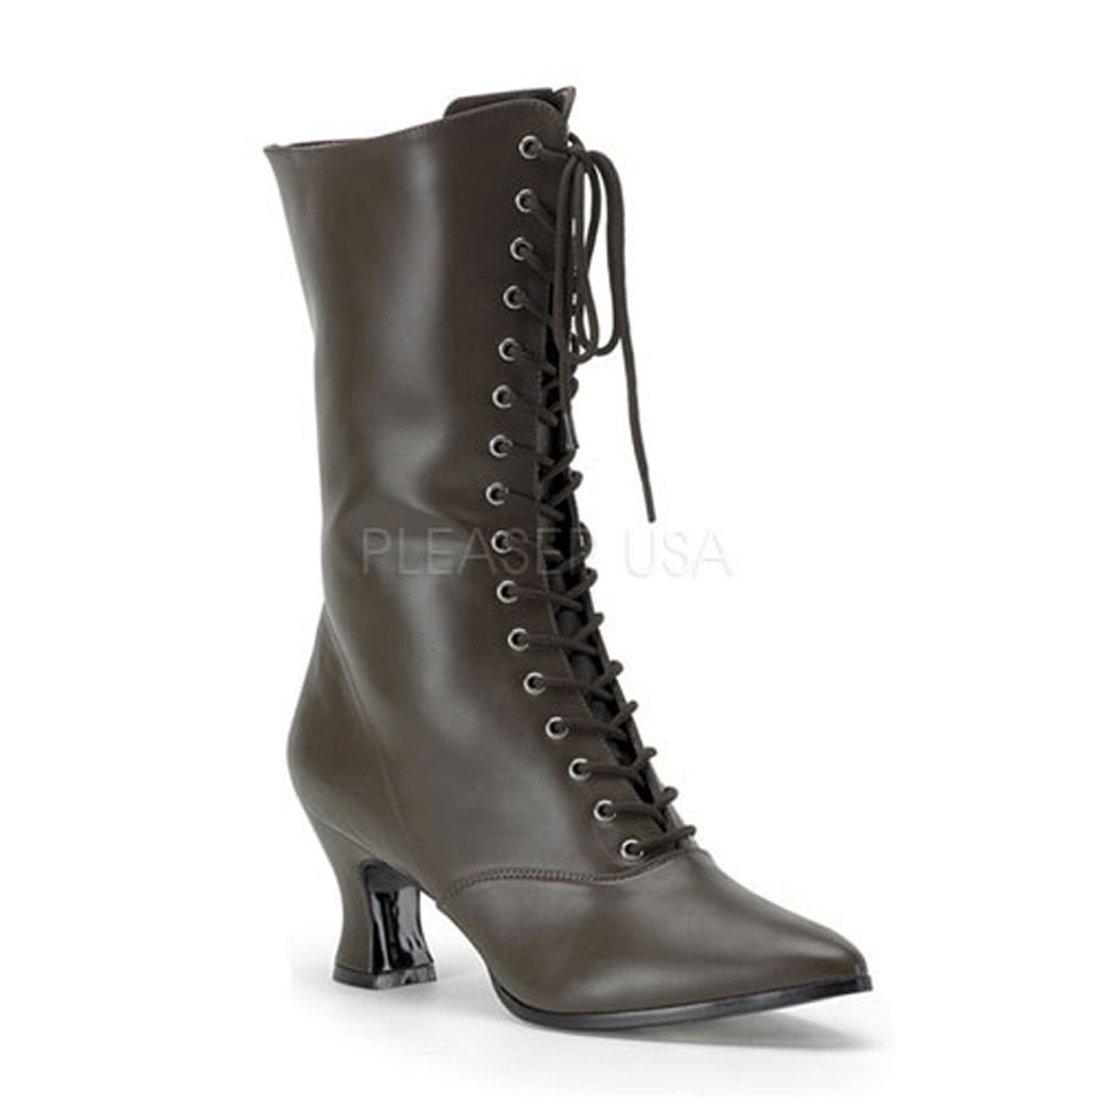 Victorian Granny Boot 2 3/4 Inch Heel w Side Zipper 120 B003TTD7AY 8 B(M) US|Brown